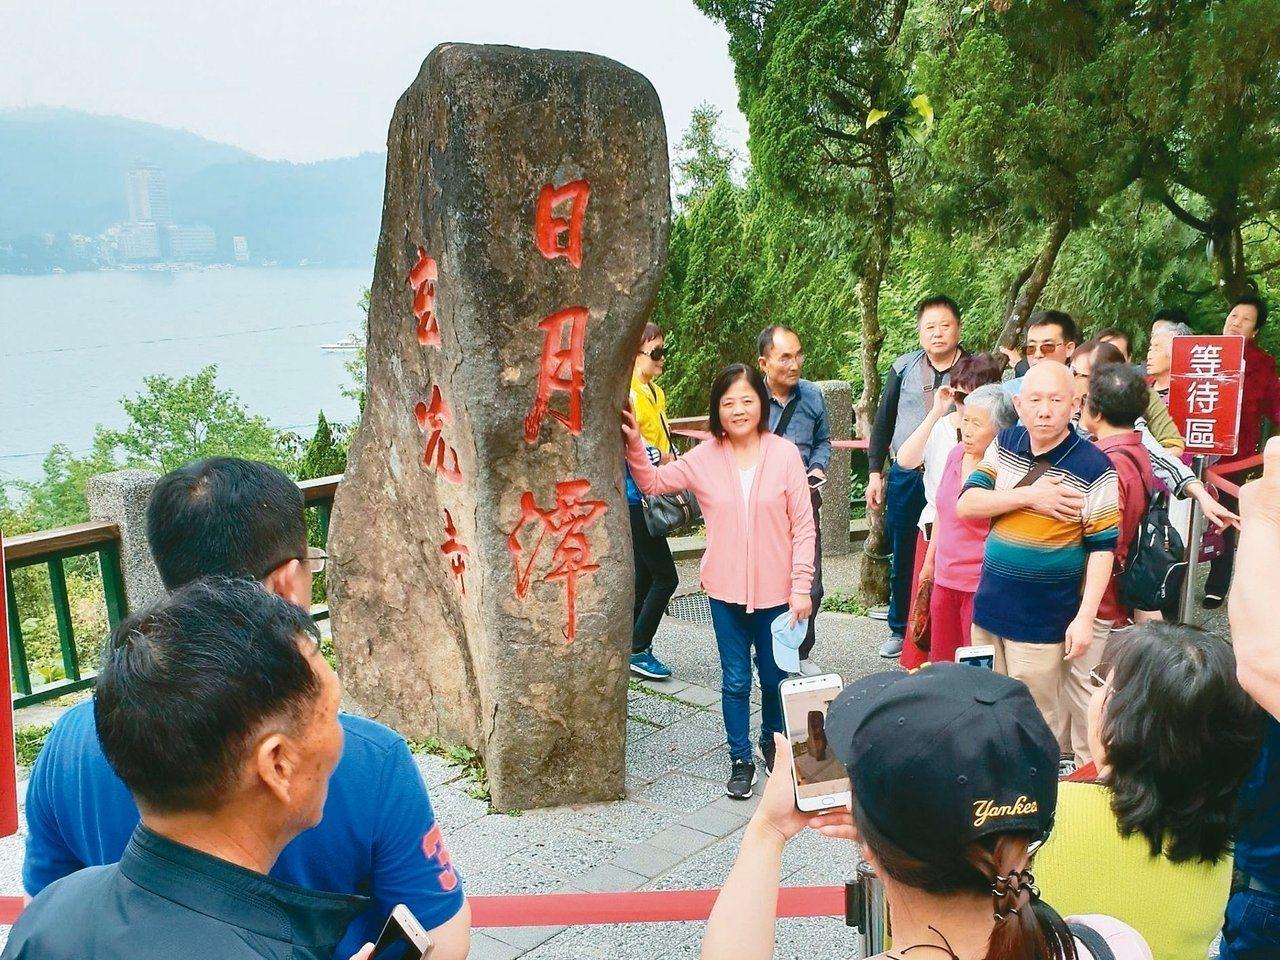 陸客縮減,衝擊台灣觀光業。圖/聯合報系資料照片